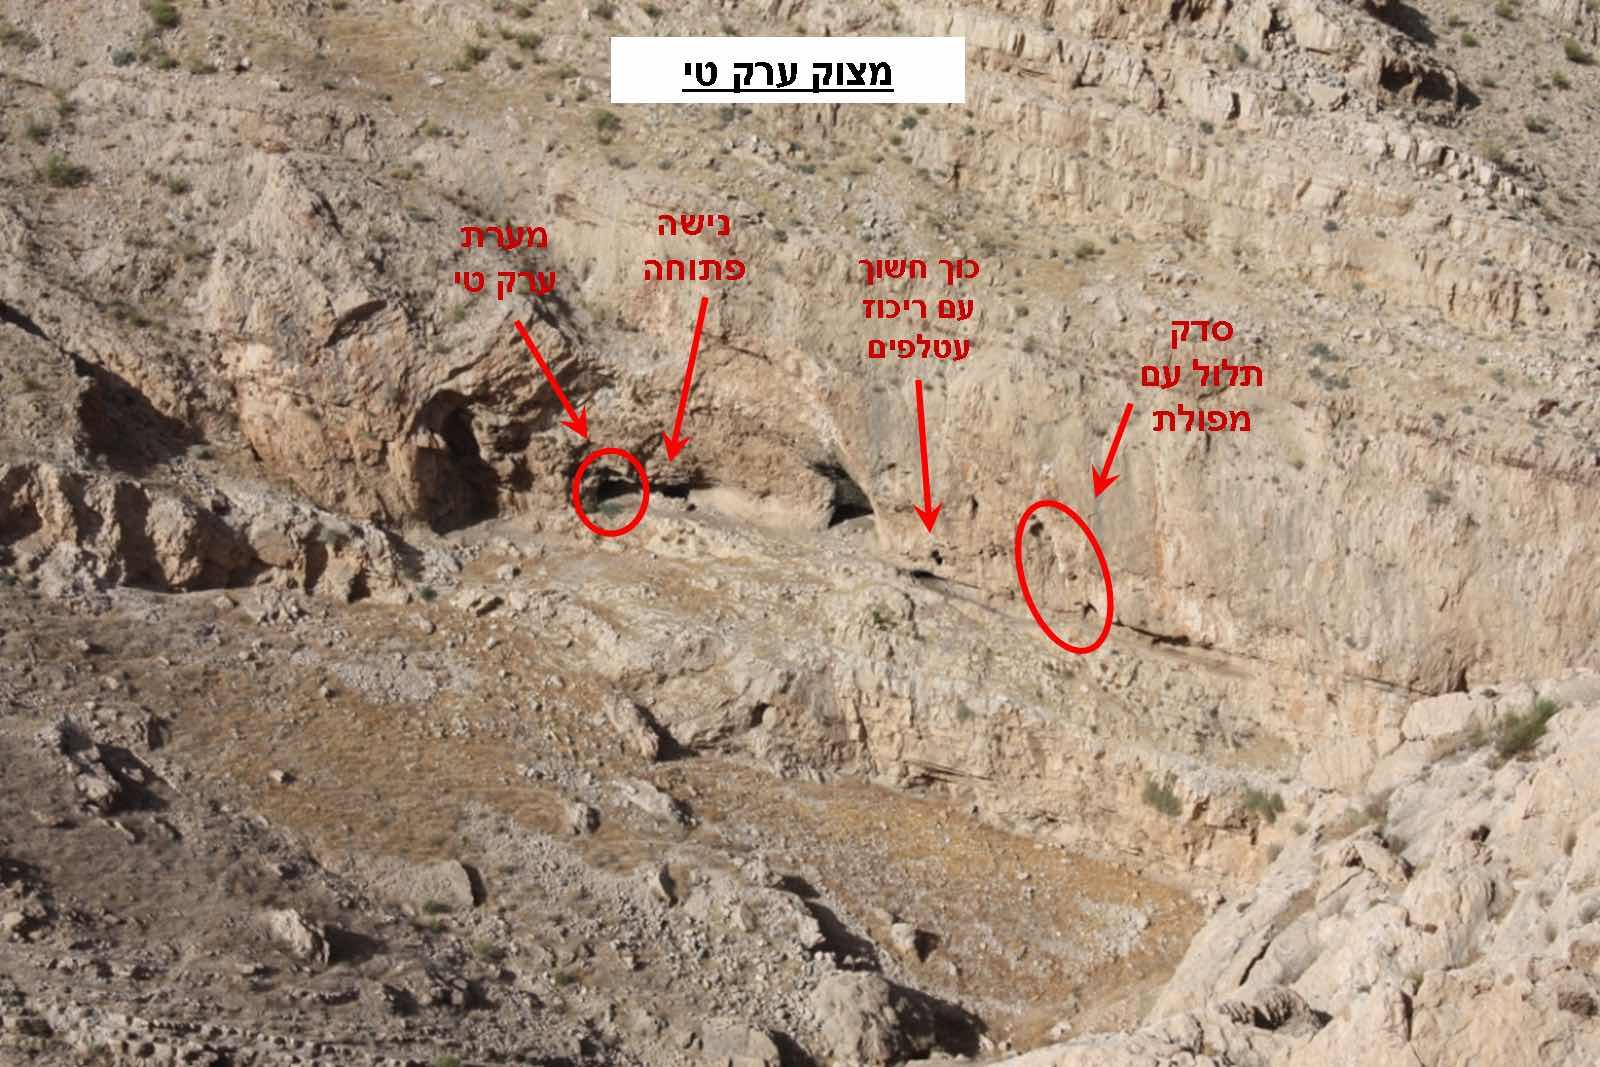 פתח המערה וסביבתו